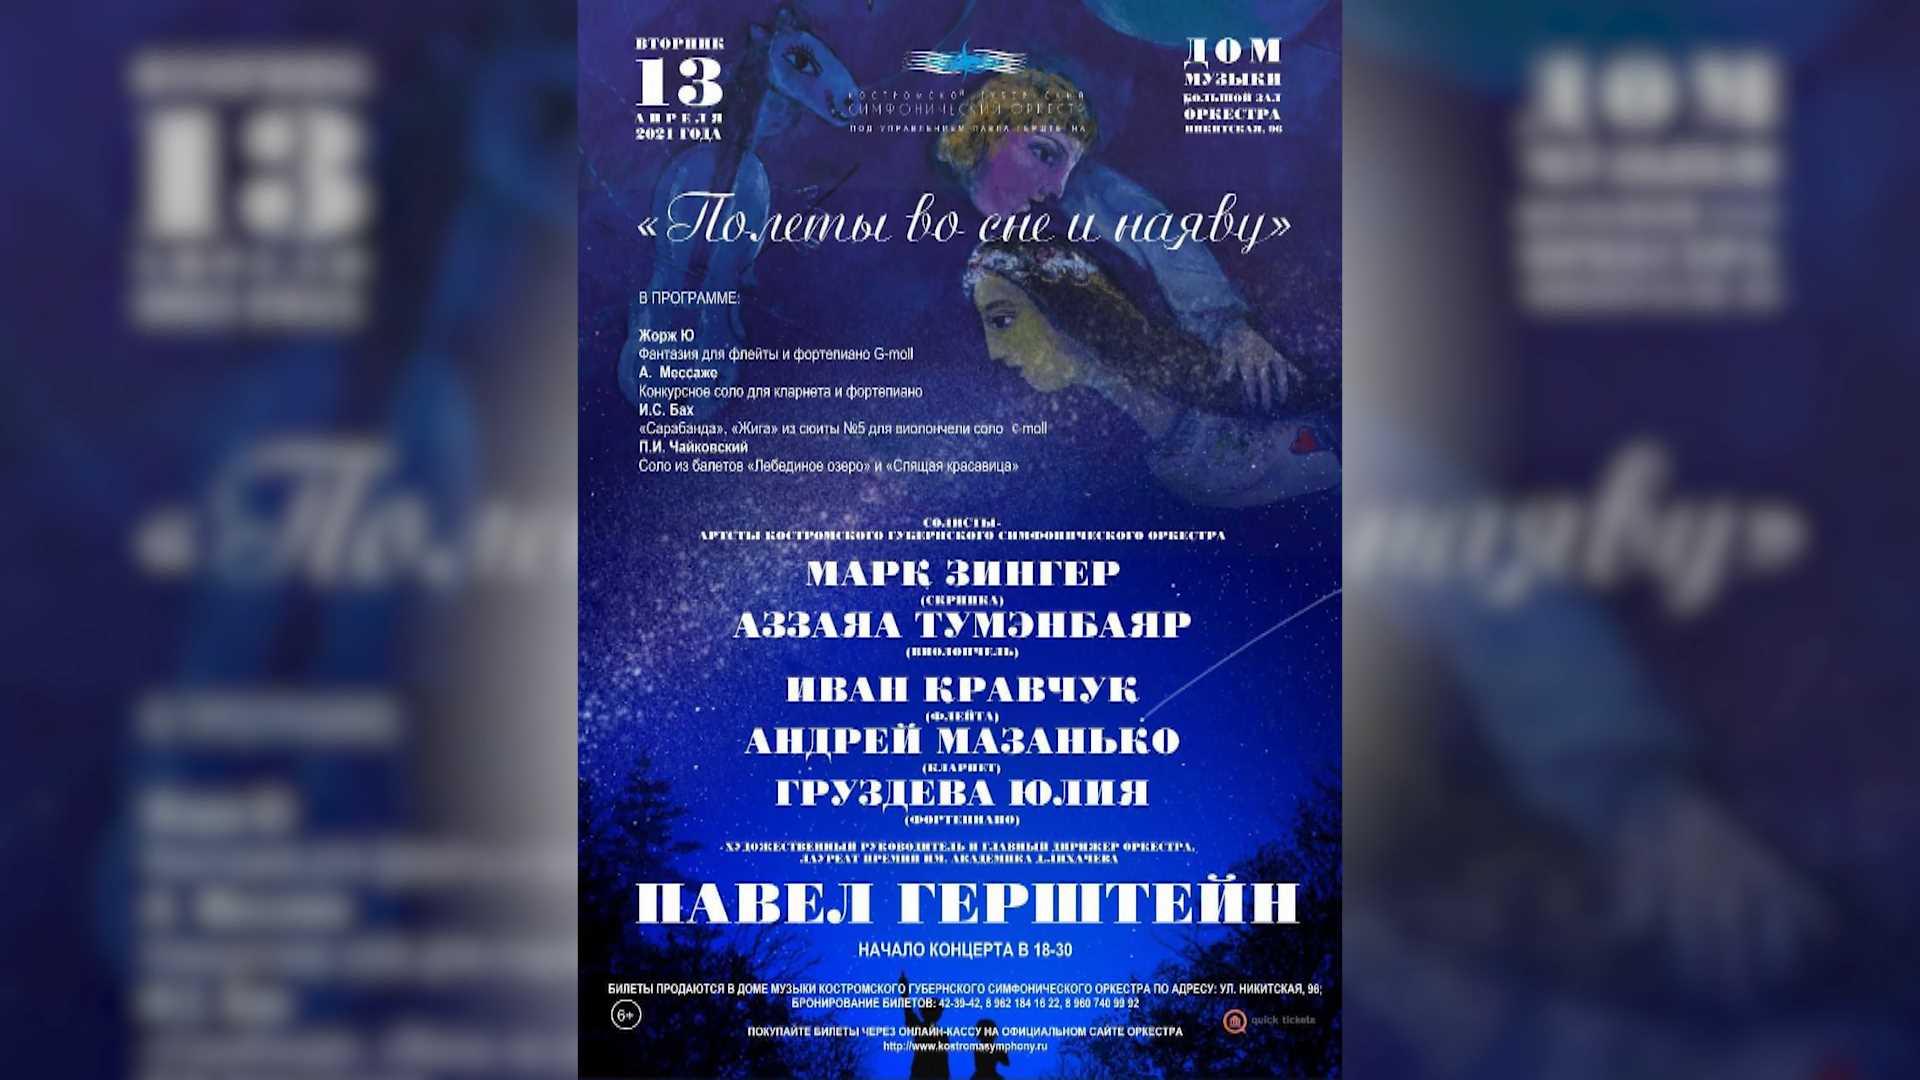 Для костромичей сыграют музыку из первого космического полета Гагарина